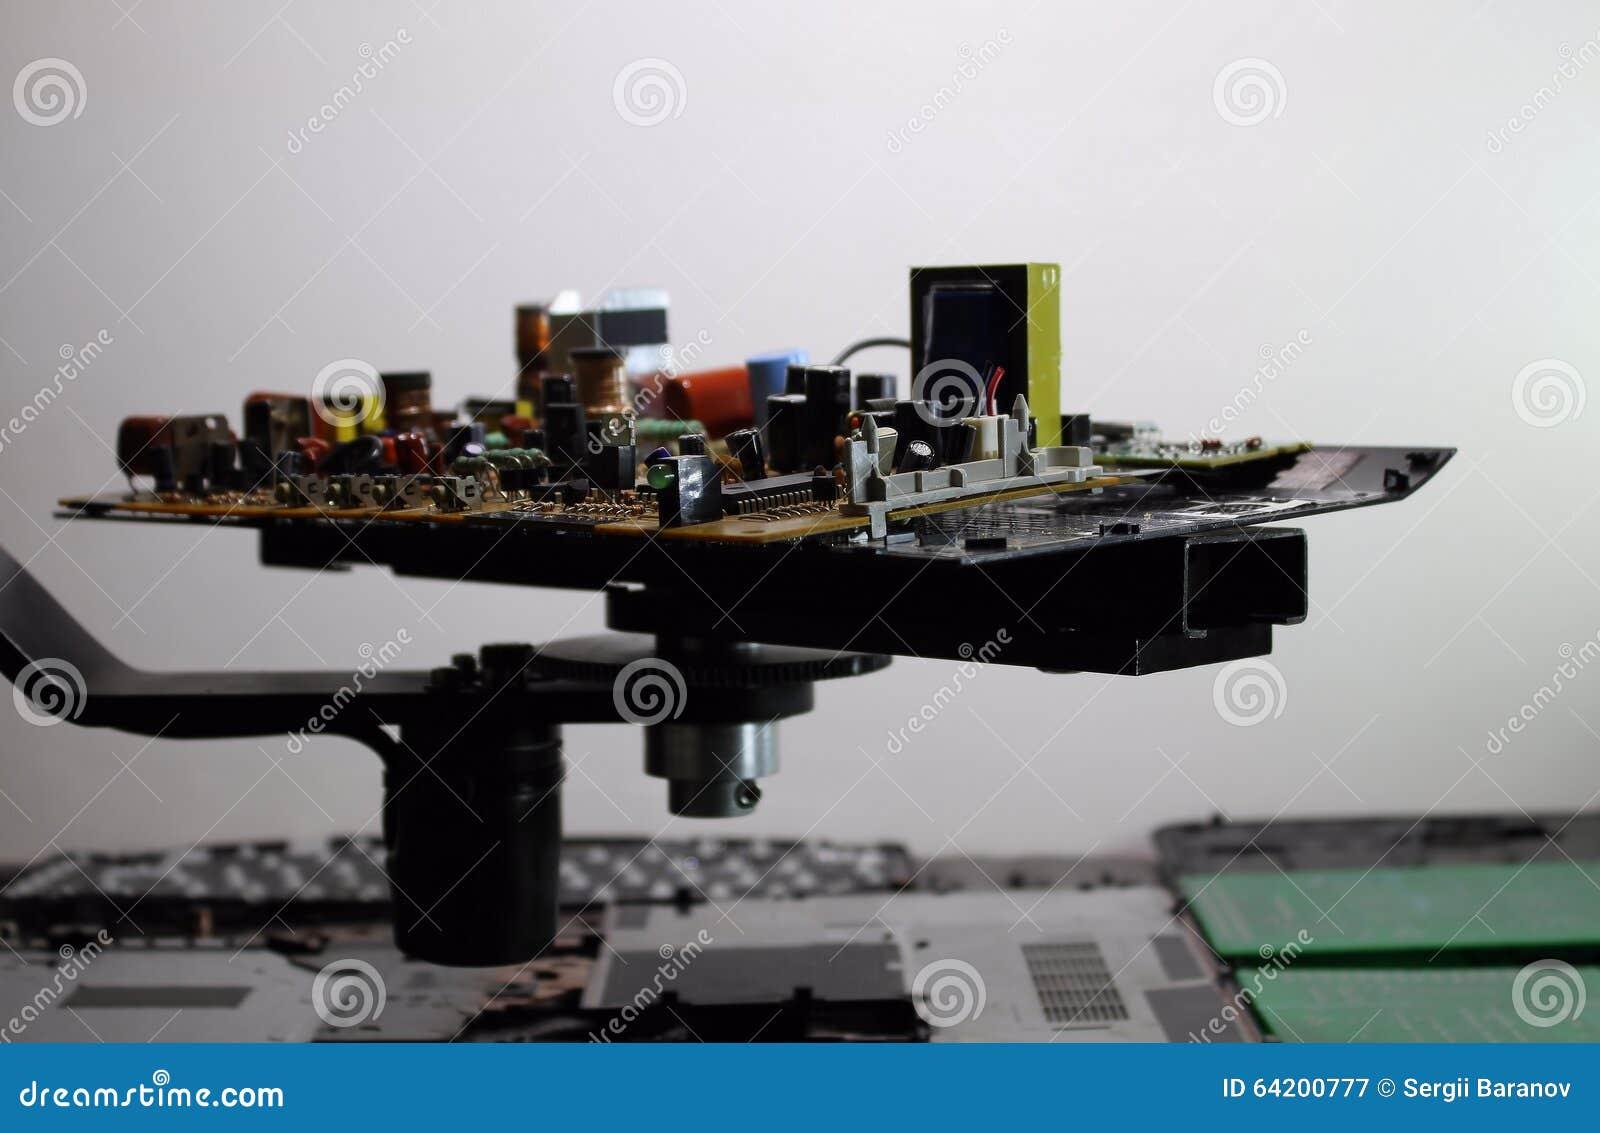 Resistores, diodos del nd de los semiconductores en tablero electrónico